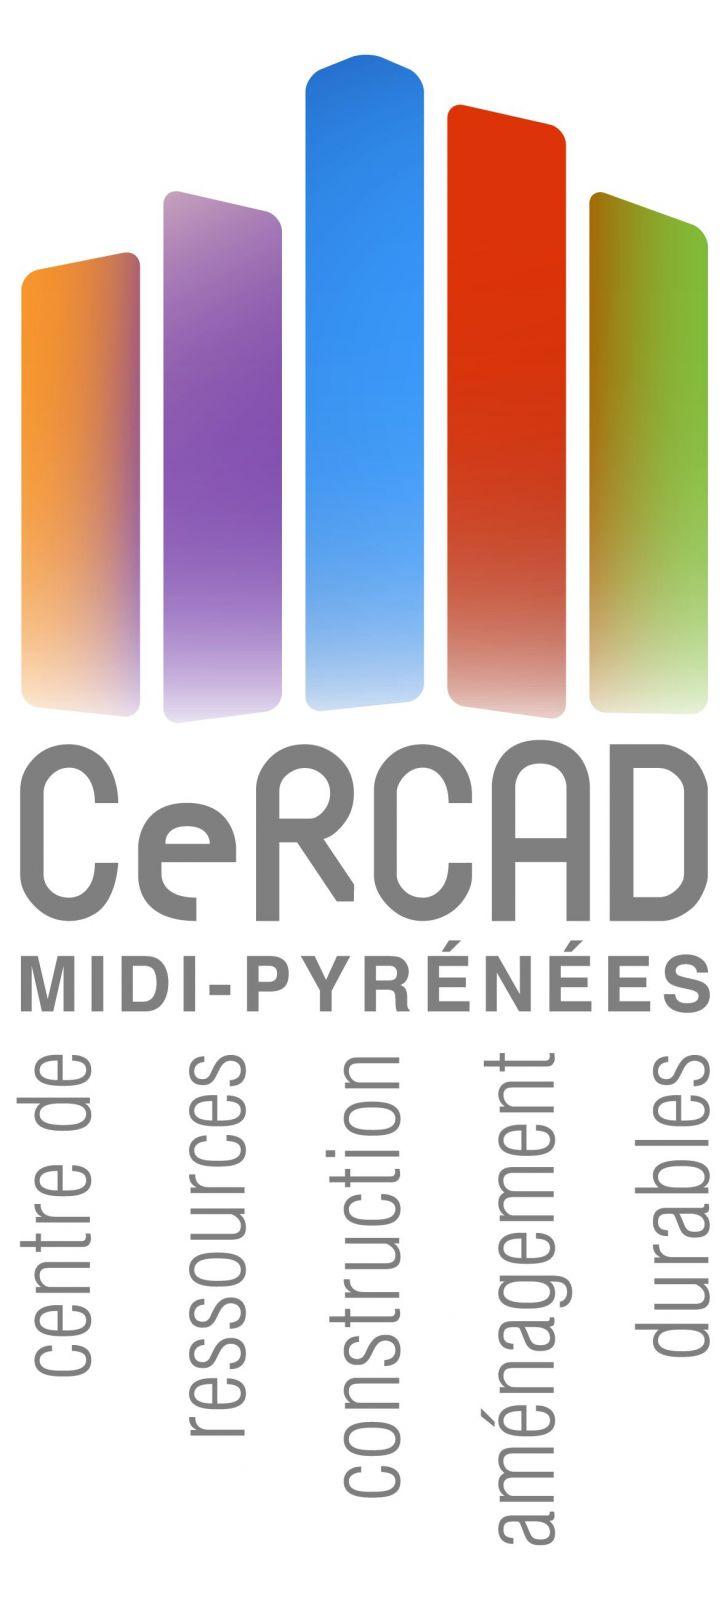 CeRCAD Midi-Pyrénées